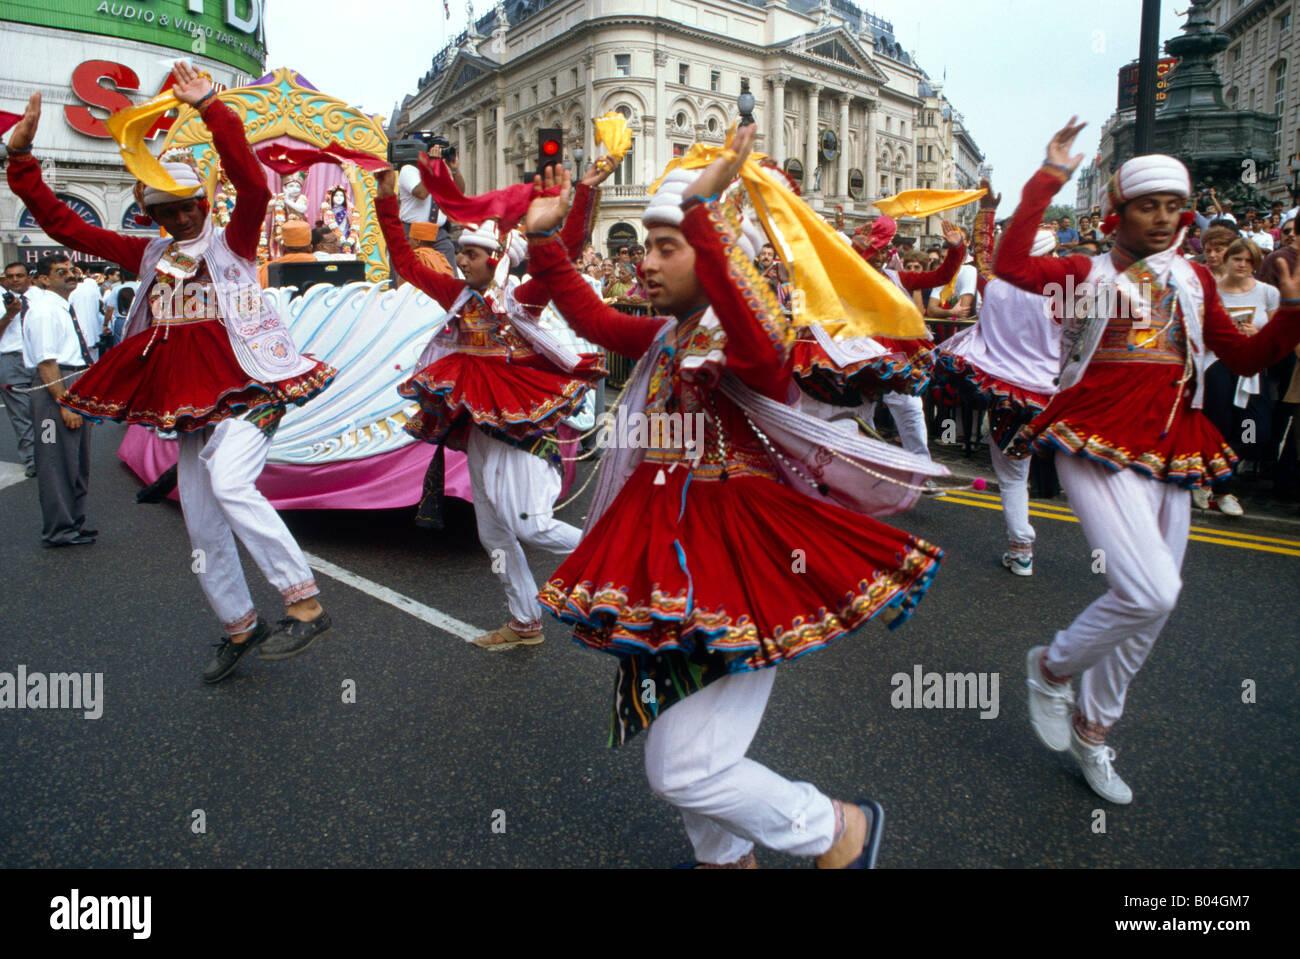 Desfile hindú Londres gente bailando Imagen De Stock